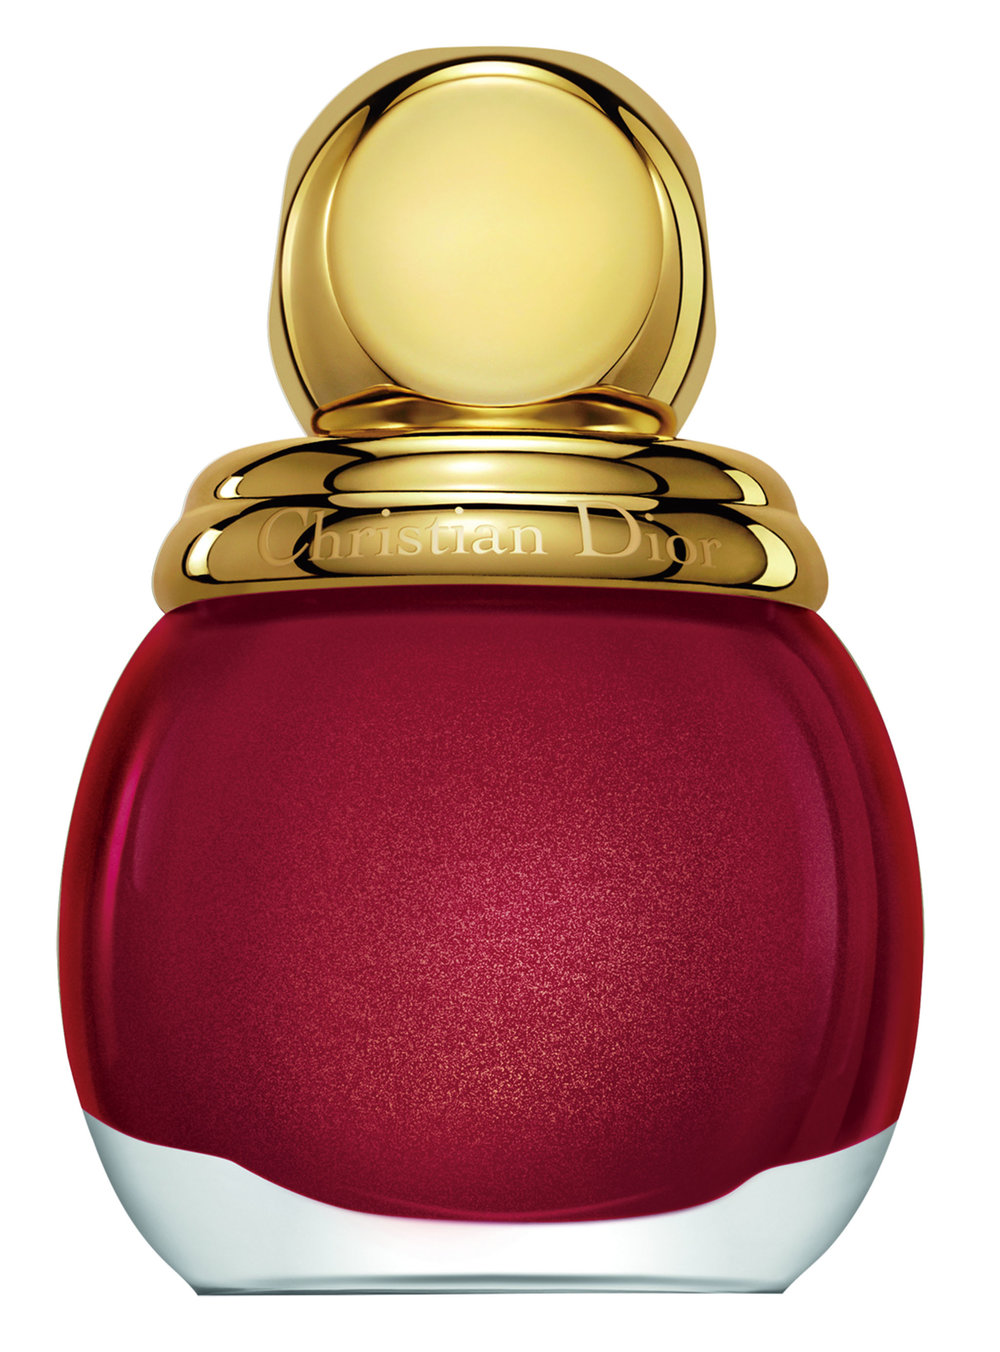 6.Diorific Vernis 850 Splendor by Dior $34,  dior.com